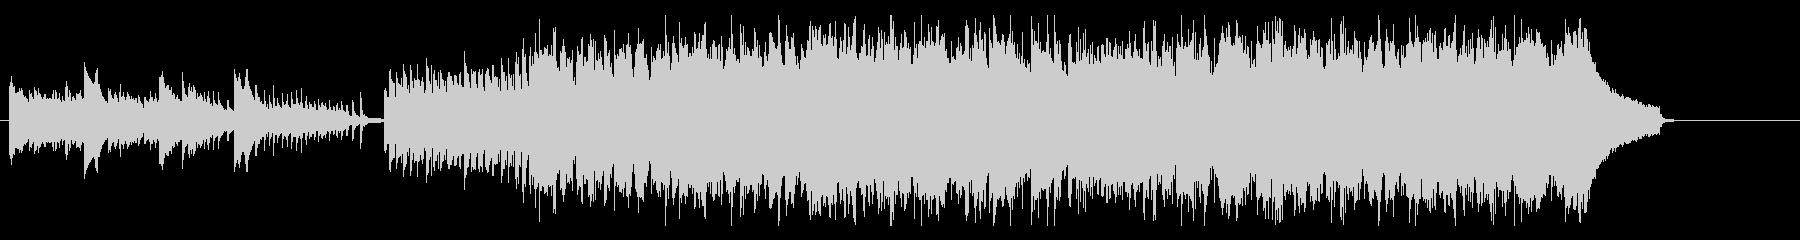 ピアノとフルートが特徴のジャズポップスの未再生の波形